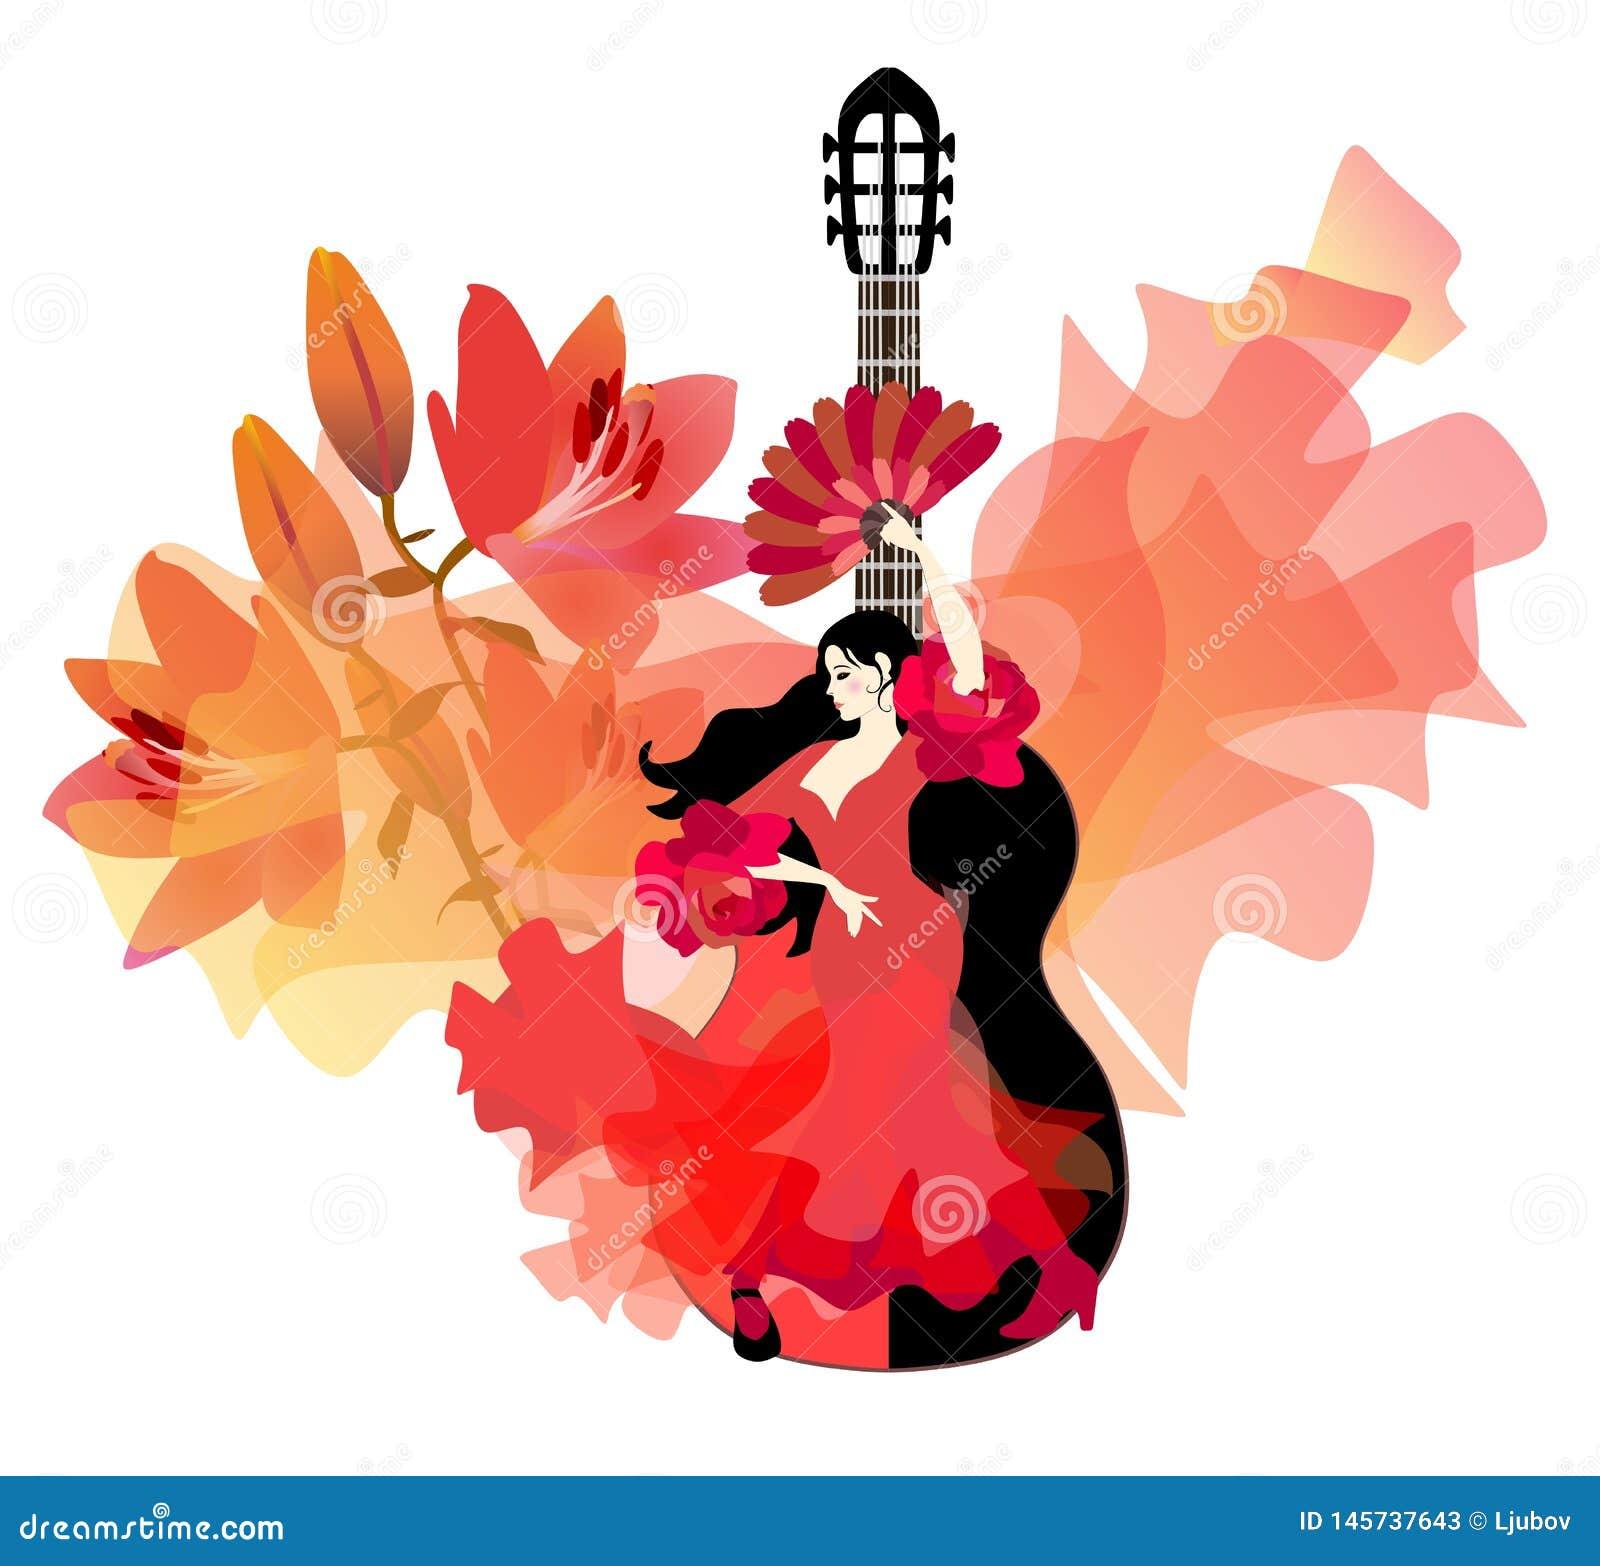 A menina espanhola no vestido vermelho com plissados nas luvas no formulário das rosas, com o fã em sua mão, está dançando o flam